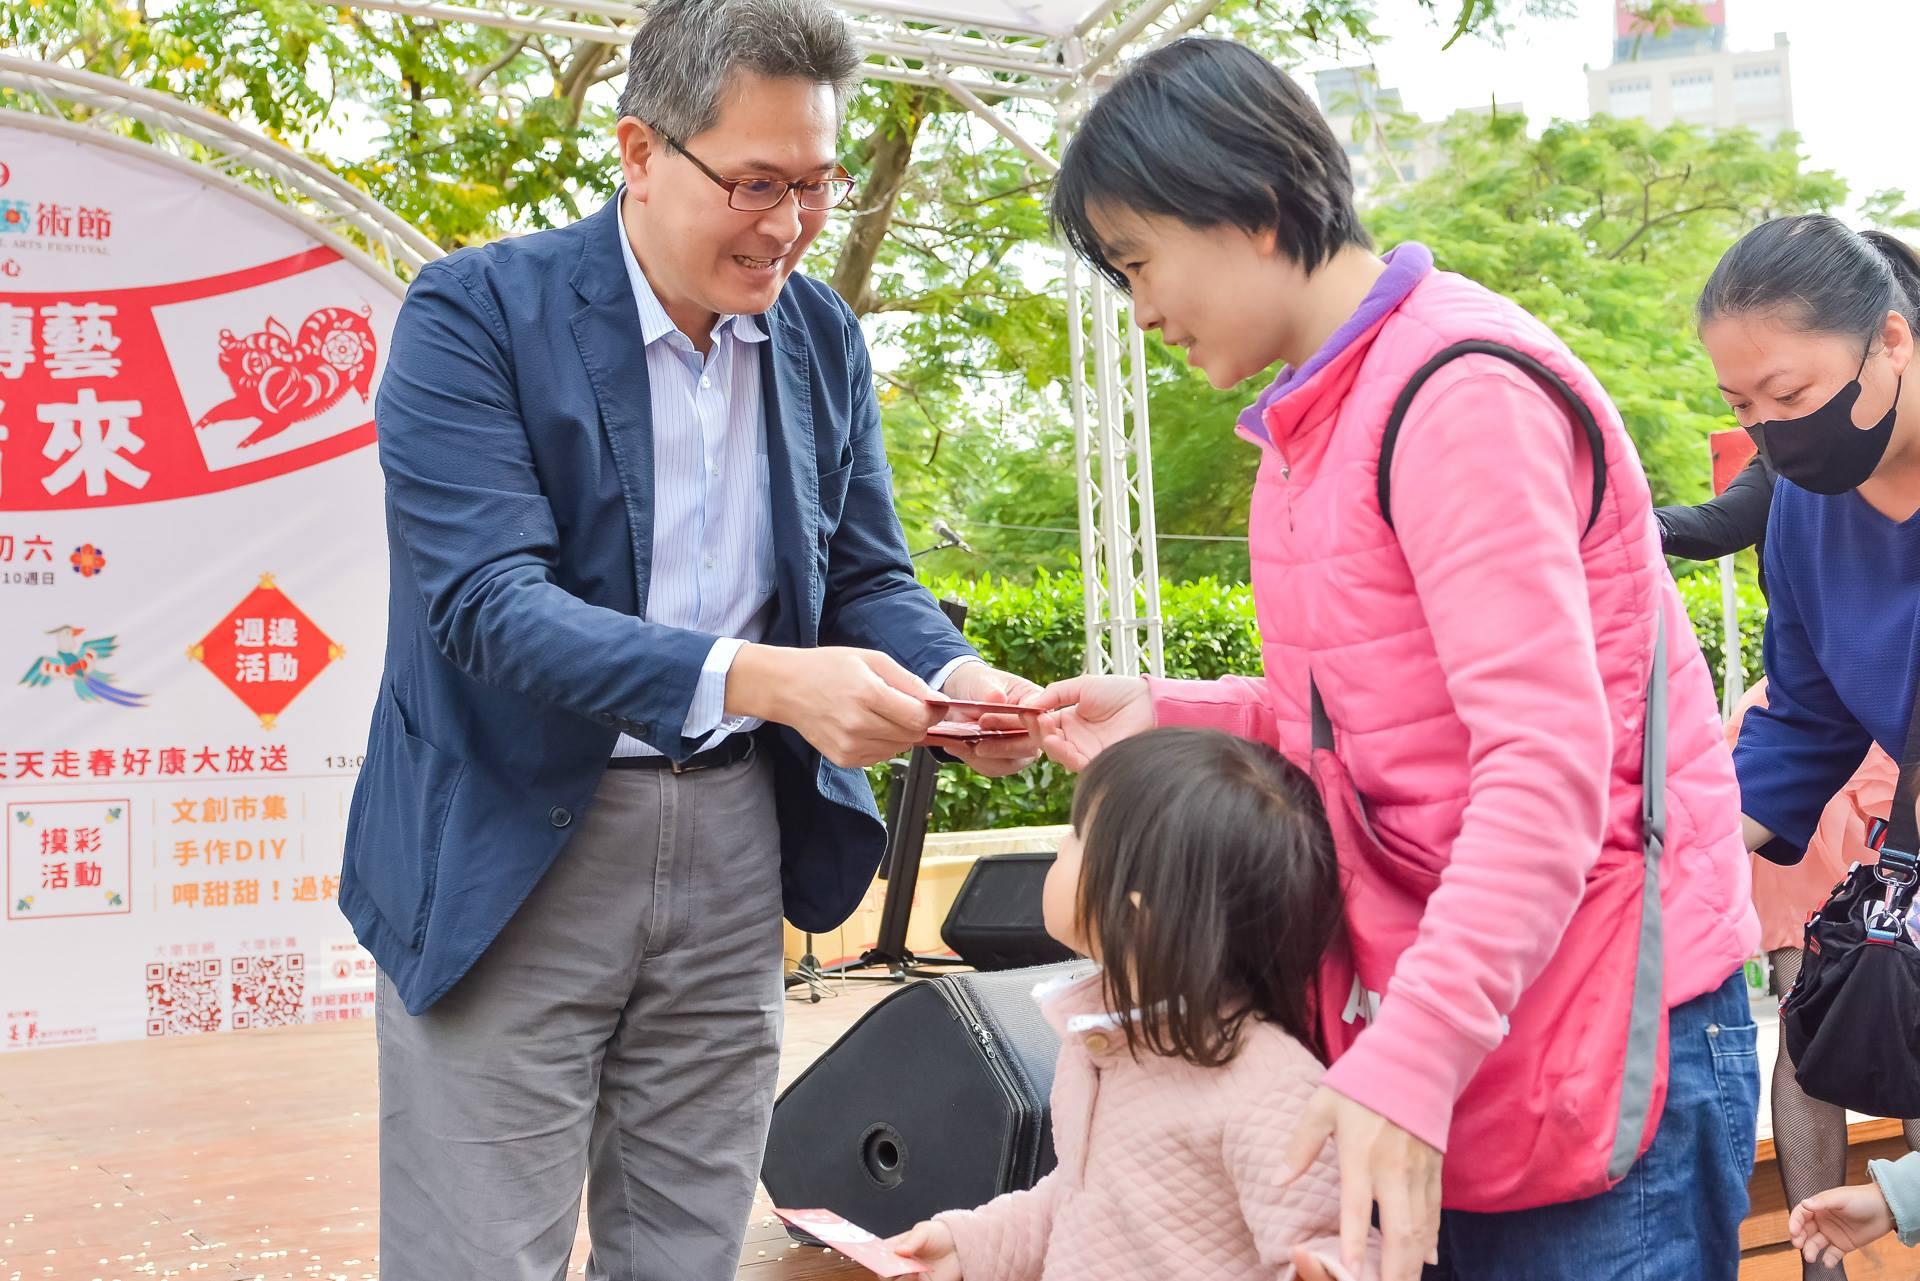 臺中市政府文化局林主任秘書敏棋發放整點紅包